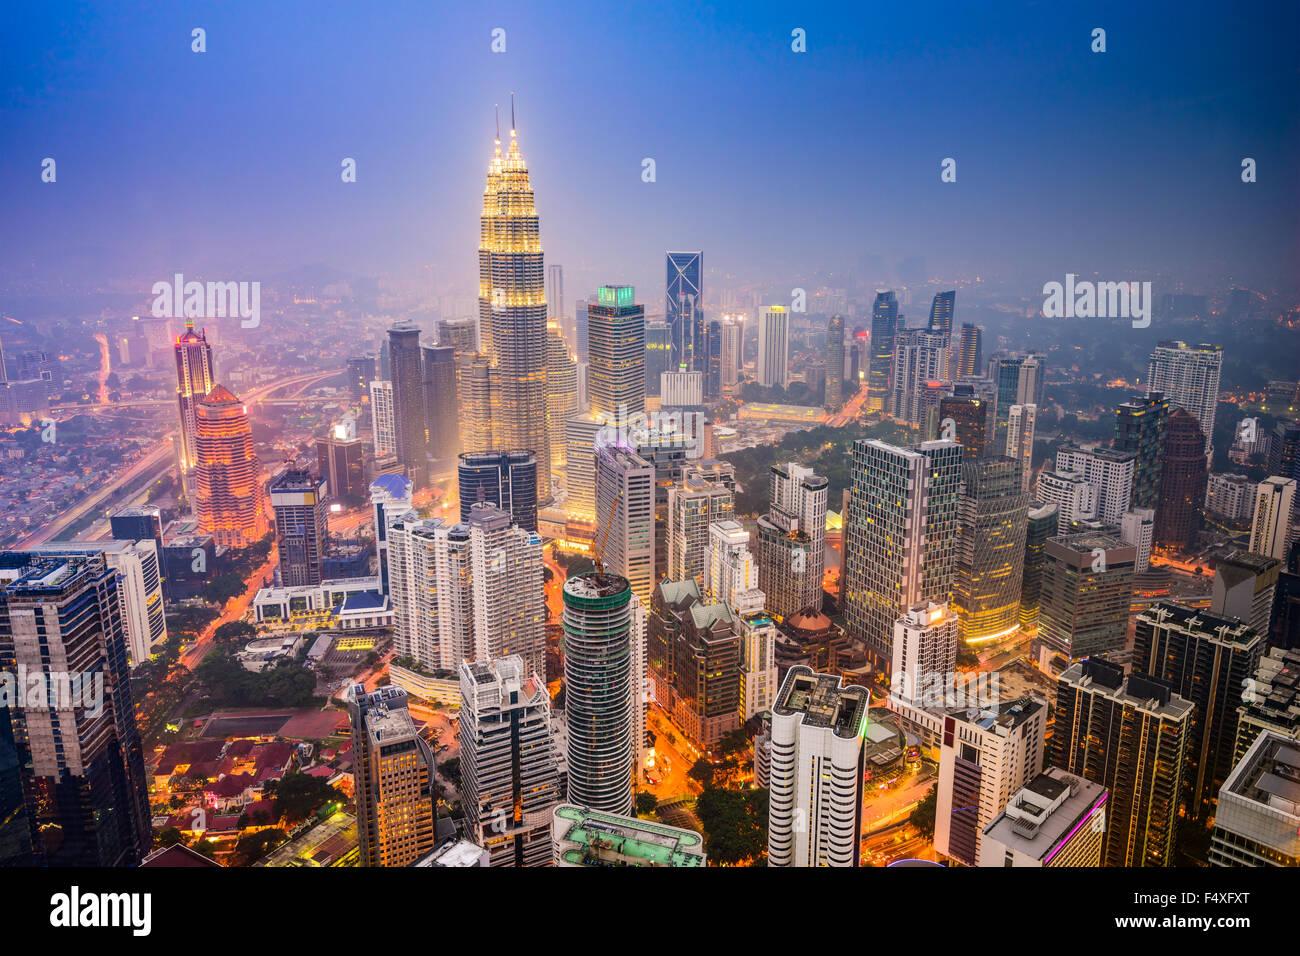 Kuala Lumpur, Malaysia city skyline. Stock Photo